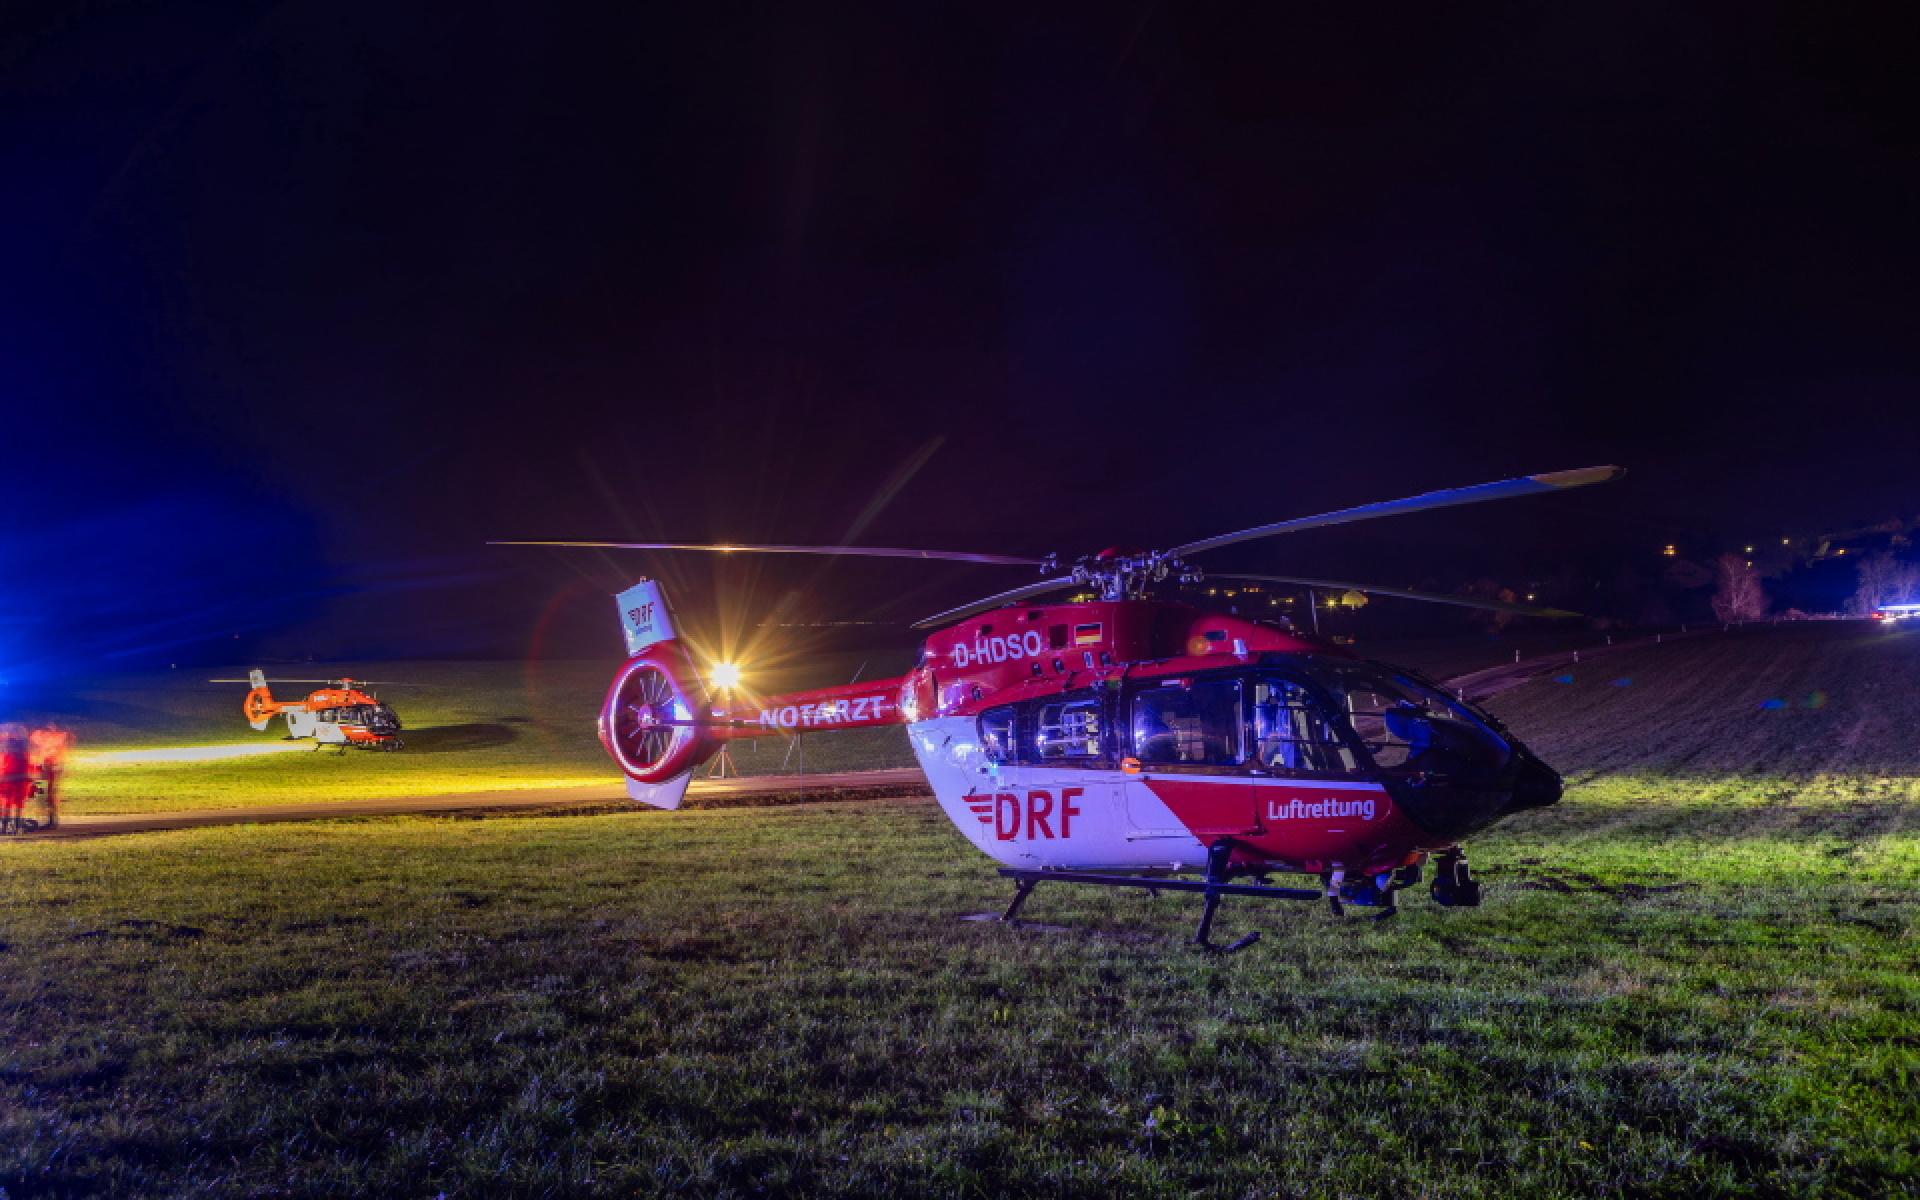 Die Intensivtransporthubschrauber Christoph Nürnberg und Christoph Regensburg stehen auf einer Wiese bei Nacht (Foto: Ralph Goppelt).